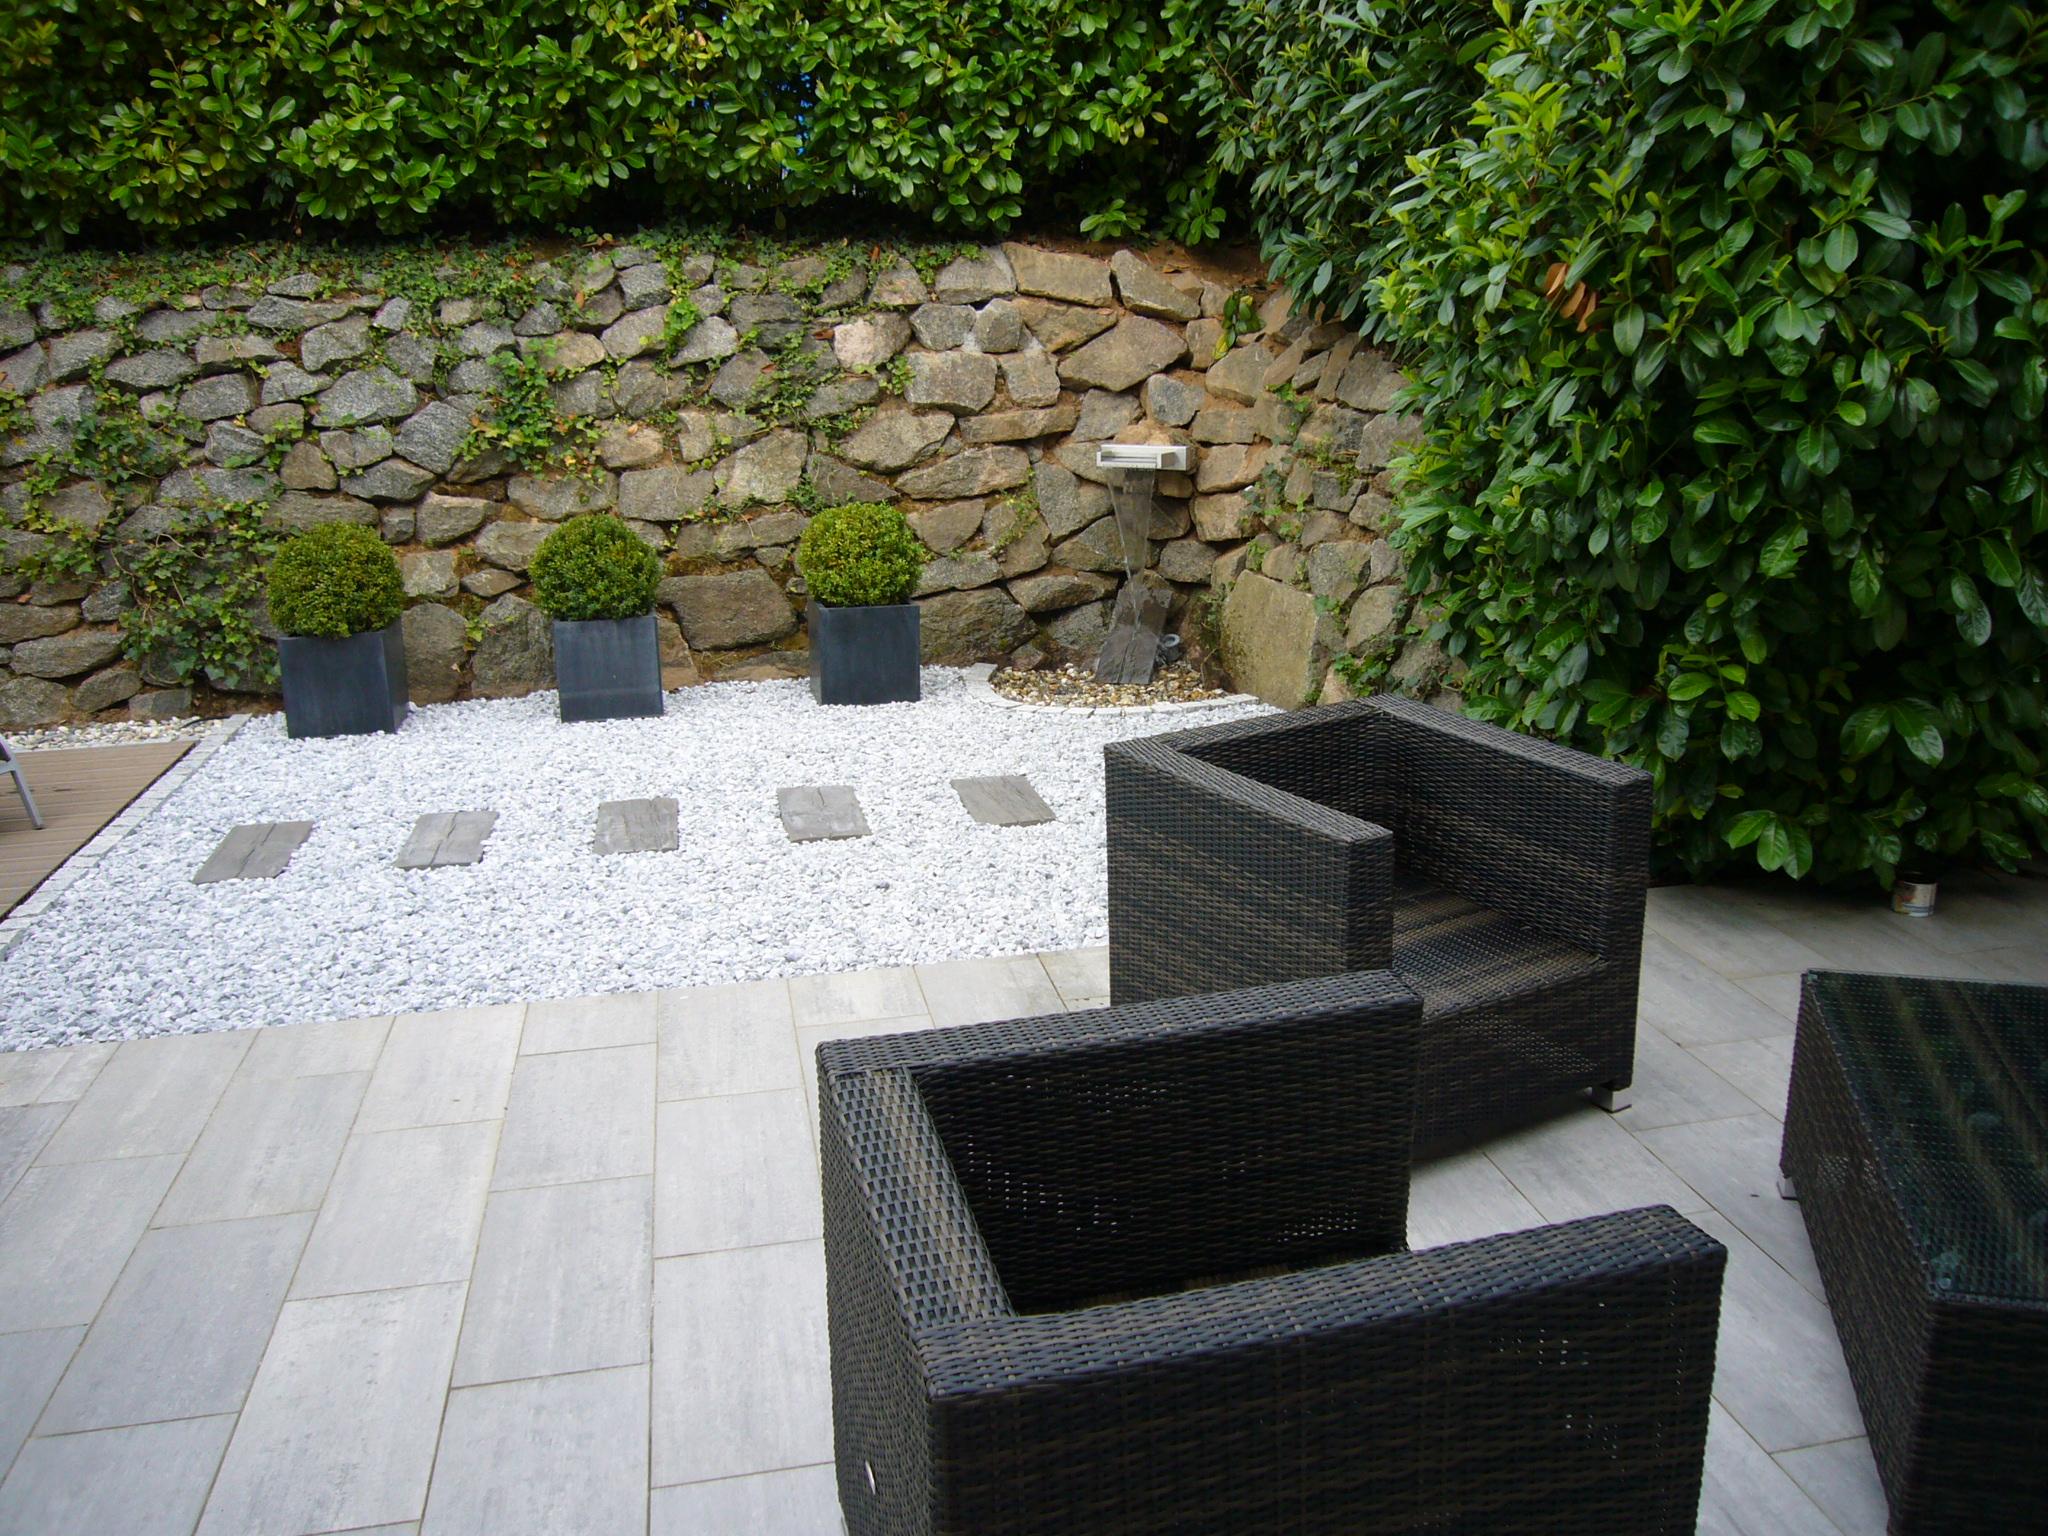 terrasse aus naturstein terrasse aus naturstein und holzbelag terrassengestaltung galabau uwe. Black Bedroom Furniture Sets. Home Design Ideas